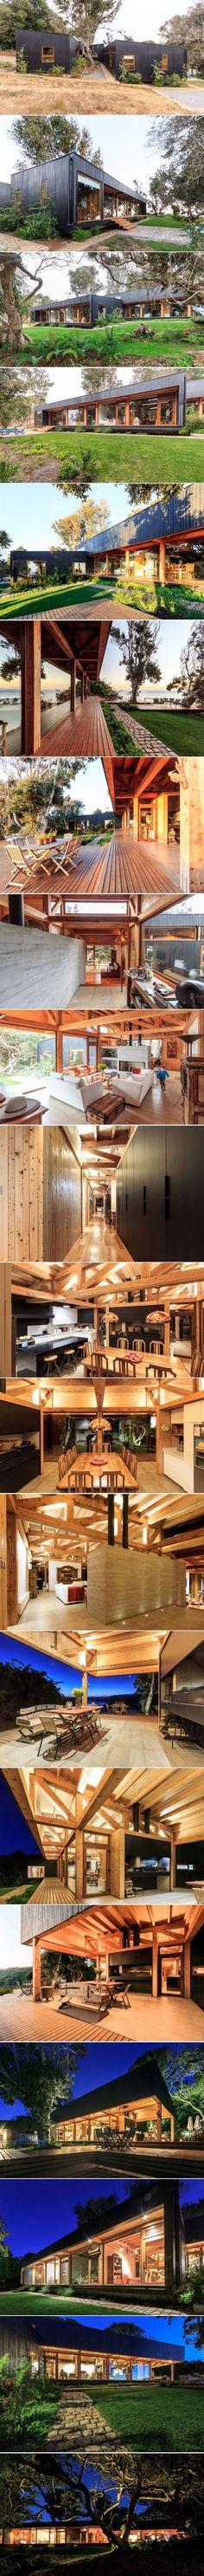 Prado Arquitectos Designs a Cozy Home in Hualpén, Chile | HomeDSGN